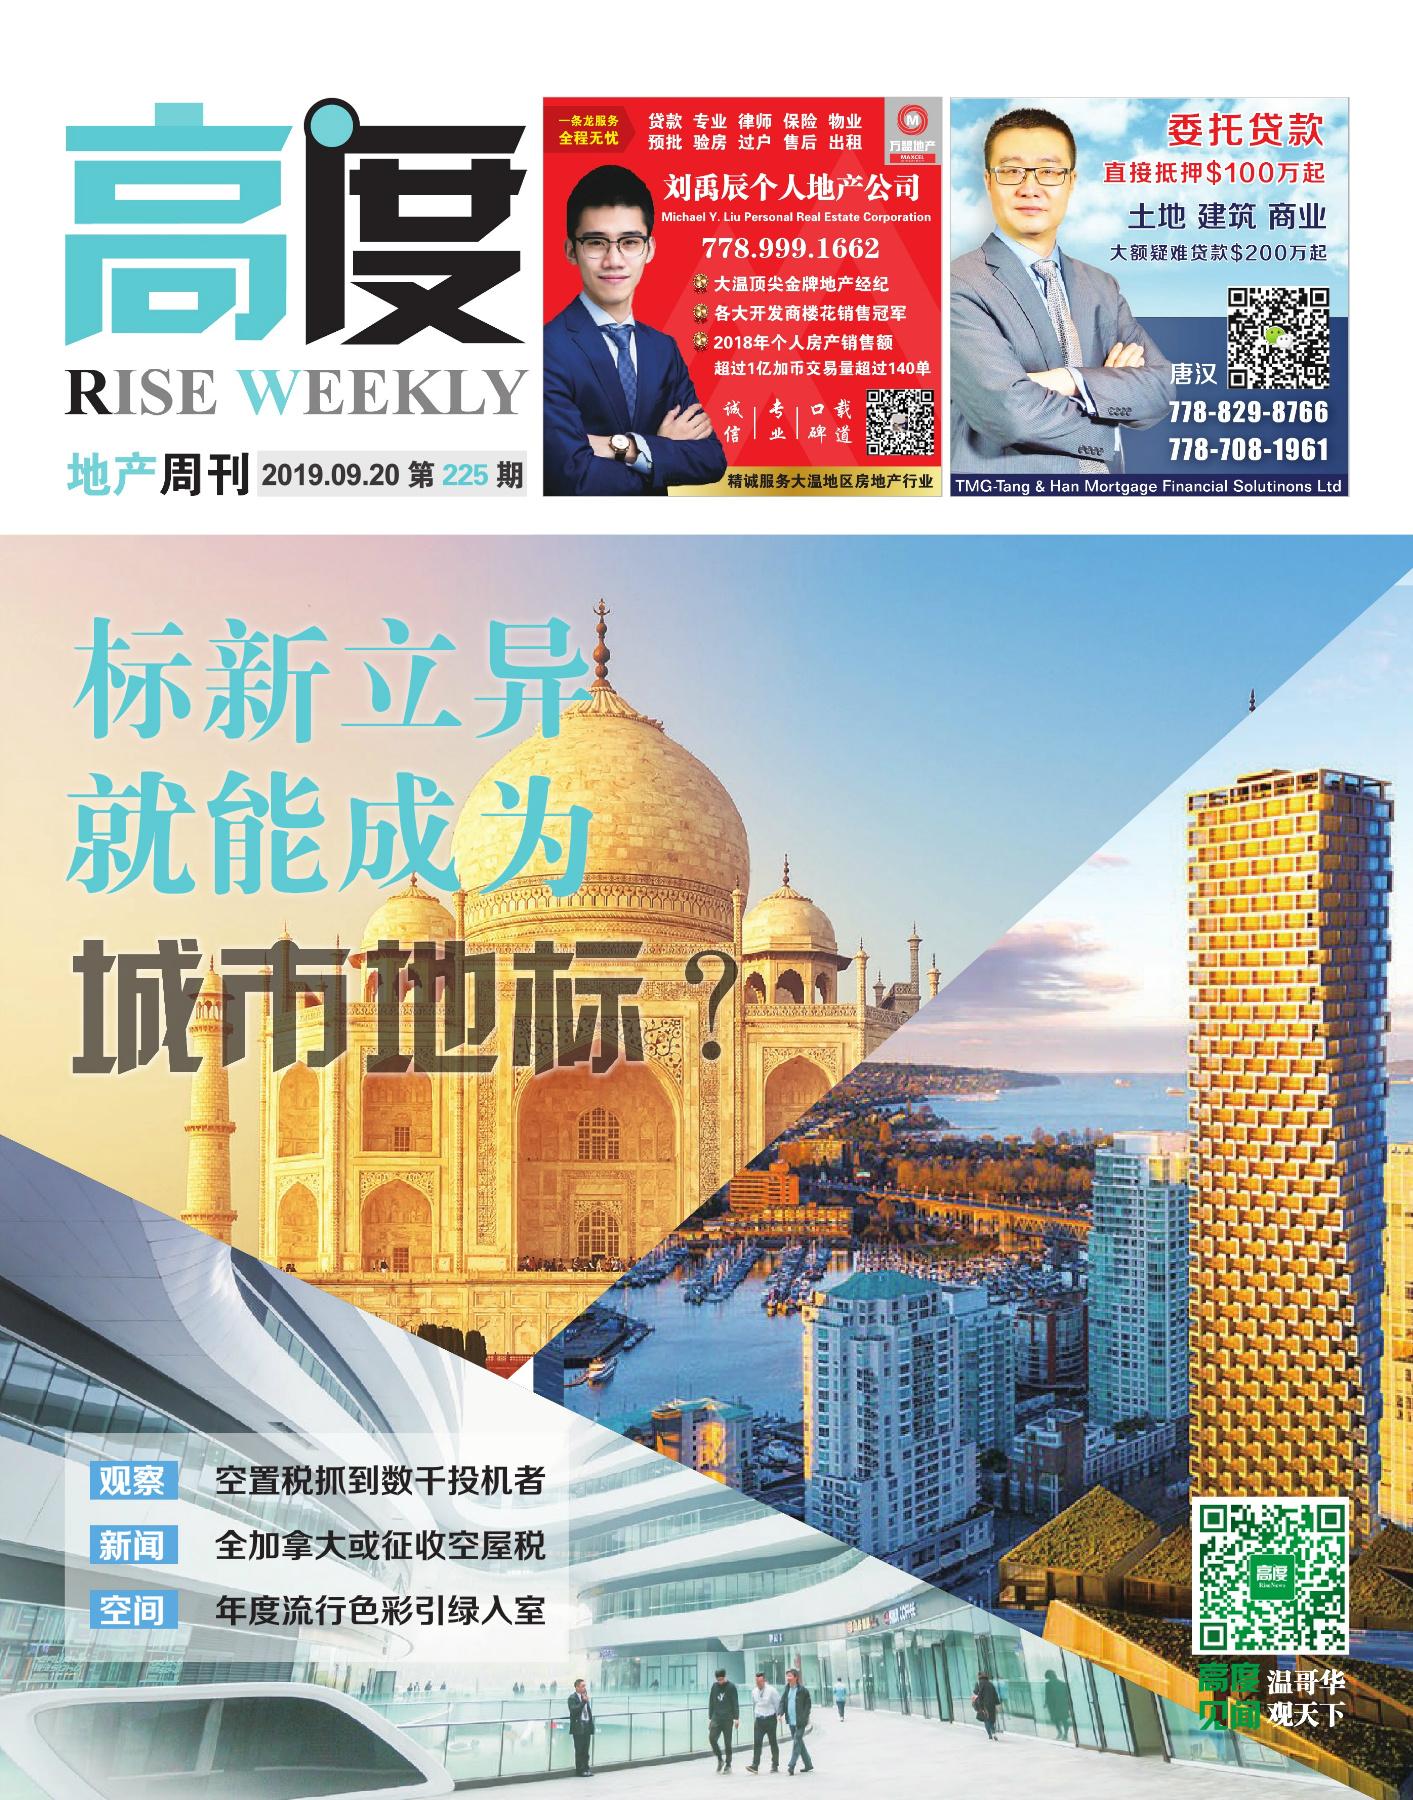 高度地产周刊 2019年09月20日 第225期